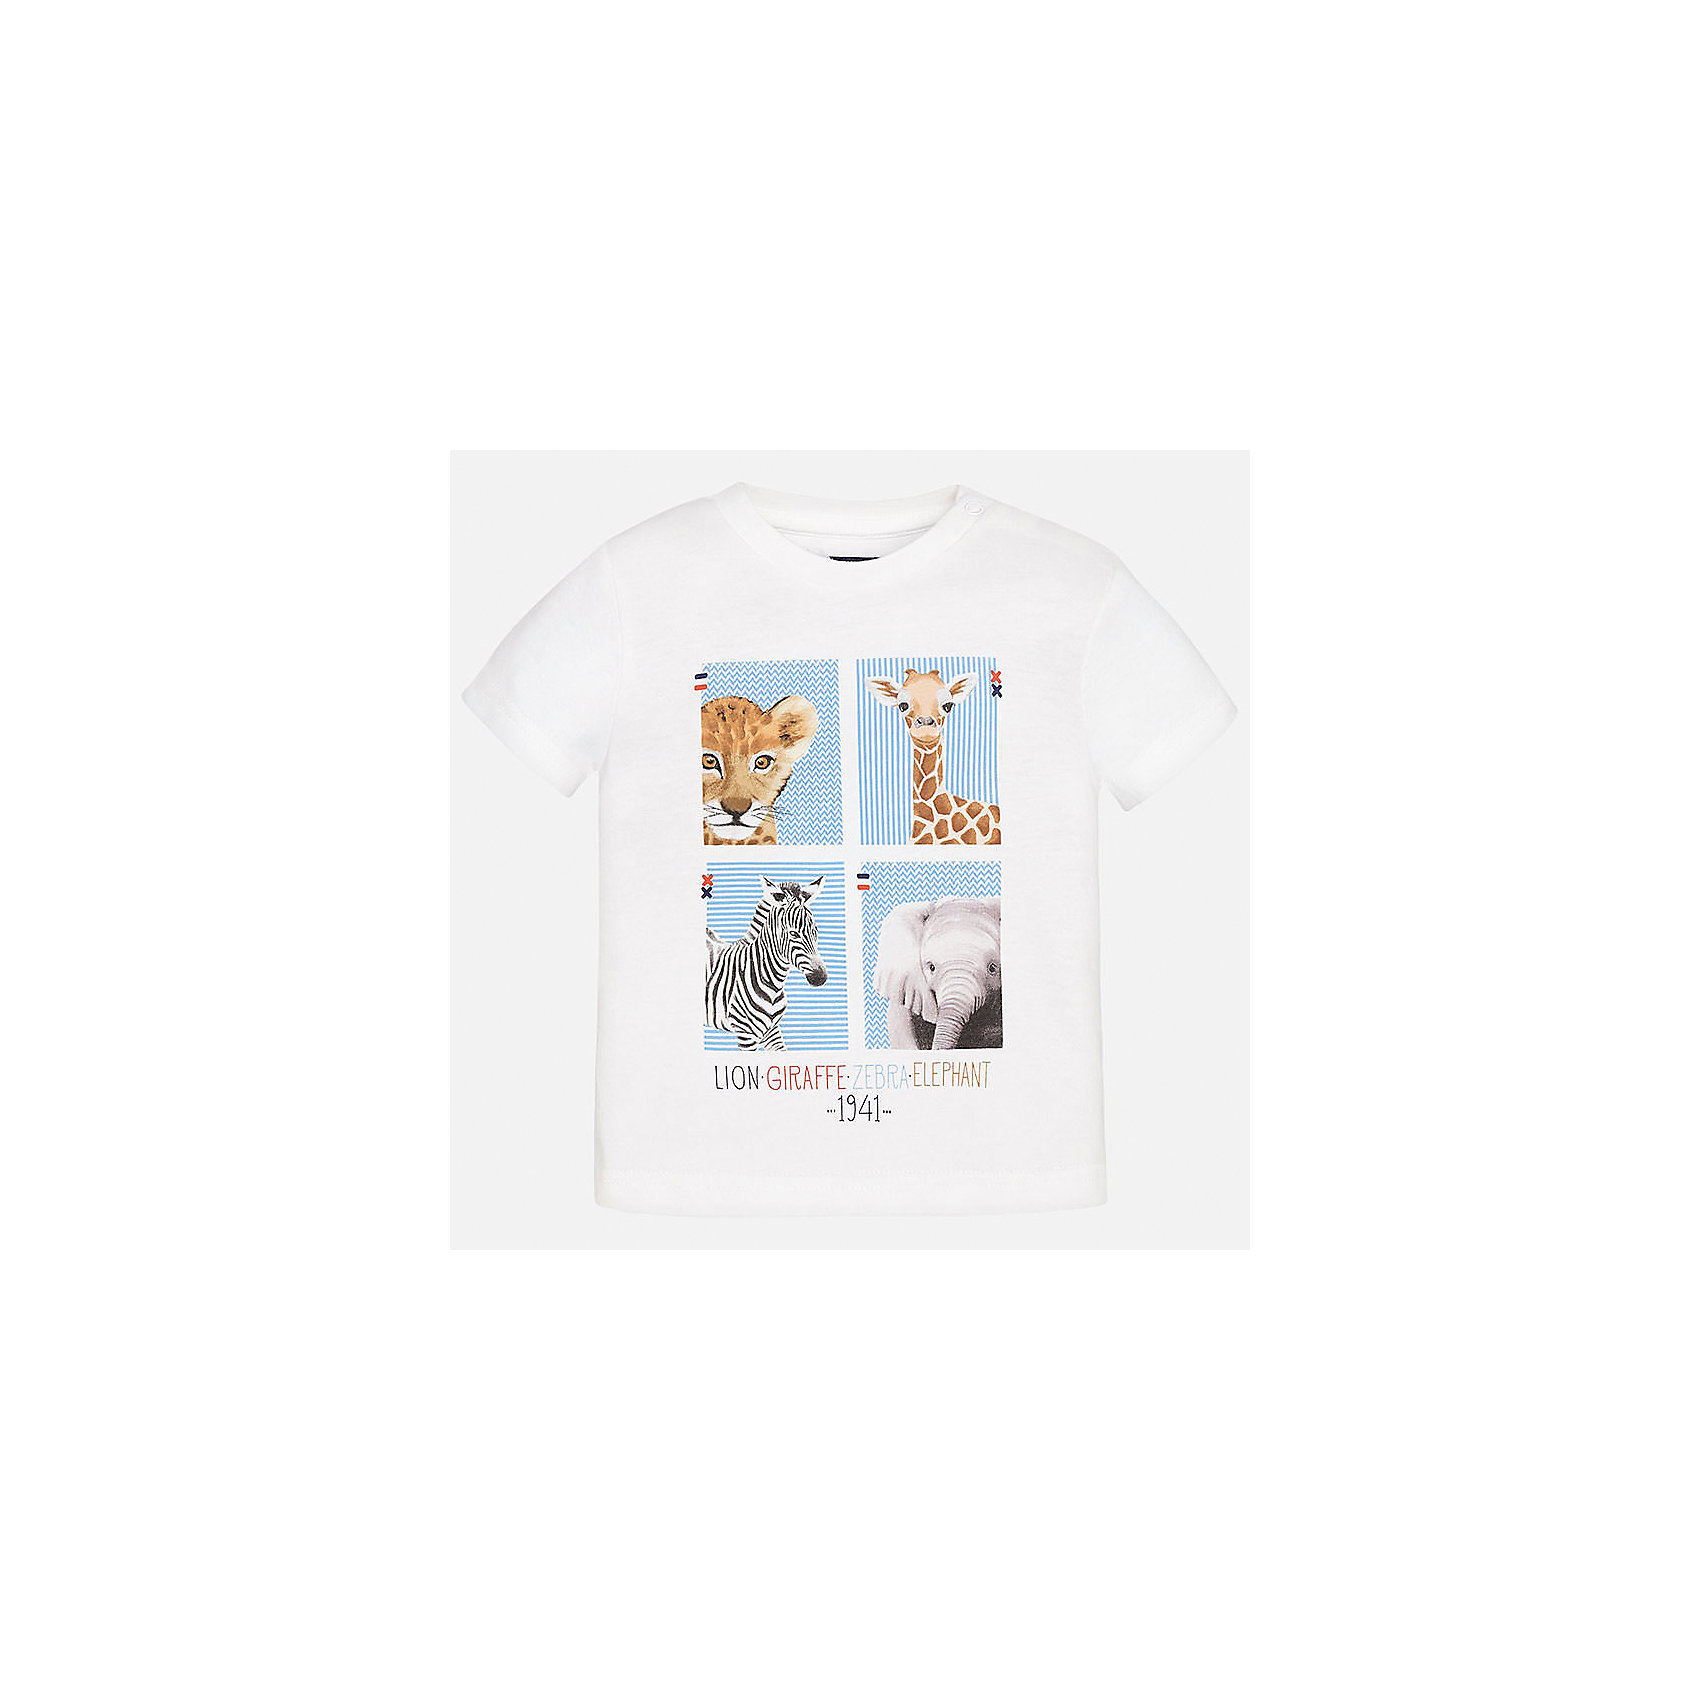 Футболка для мальчика MayoralФутболки, поло и топы<br>Характеристики товара:<br><br>• цвет: белый<br>• состав: 100% хлопок<br>• круглый горловой вырез<br>• декорирована принтом<br>• короткие рукава<br>• мягкая отделка горловины<br>• страна бренда: Испания<br><br>Стильная удобная футболка с принтом поможет разнообразить гардероб мальчика. Она отлично сочетается с брюками, шортами, джинсами. Универсальный крой и цвет позволяет подобрать к вещи низ разных расцветок. Практичное и стильное изделие! Хорошо смотрится и комфортно сидит на детях. В составе материала - натуральный хлопок, гипоаллергенный, приятный на ощупь, дышащий. <br><br>Одежда, обувь и аксессуары от испанского бренда Mayoral полюбились детям и взрослым по всему миру. Модели этой марки - стильные и удобные. Для их производства используются только безопасные, качественные материалы и фурнитура. Порадуйте ребенка модными и красивыми вещами от Mayoral! <br><br>Футболку для мальчика от испанского бренда Mayoral (Майорал) можно купить в нашем интернет-магазине.<br><br>Ширина мм: 199<br>Глубина мм: 10<br>Высота мм: 161<br>Вес г: 151<br>Цвет: белый<br>Возраст от месяцев: 12<br>Возраст до месяцев: 15<br>Пол: Мужской<br>Возраст: Детский<br>Размер: 80,92,86<br>SKU: 5278425